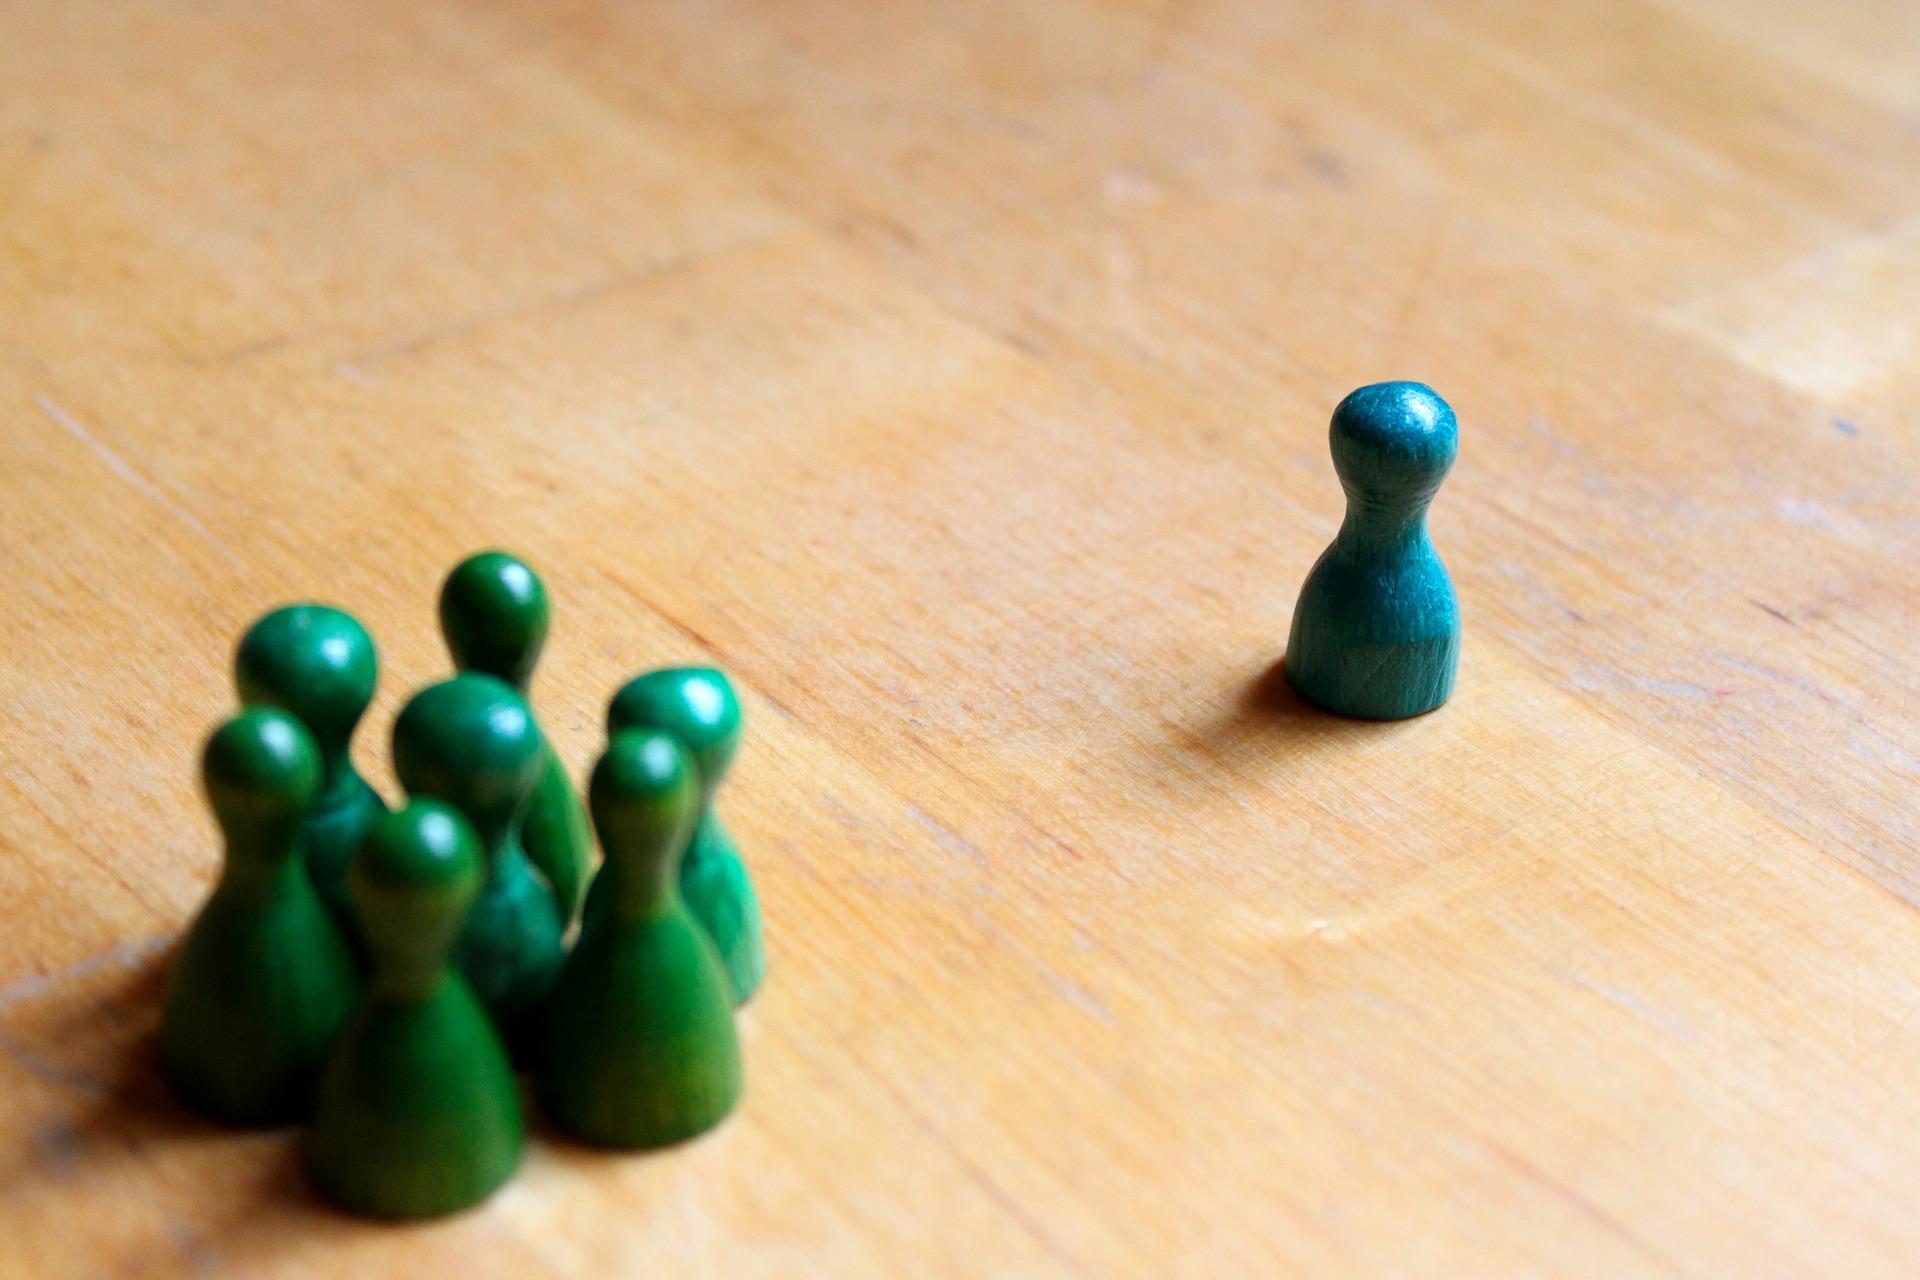 La dégradation de l'état de santé du salarié ne suffit pas à caractériser le harcèlement moral